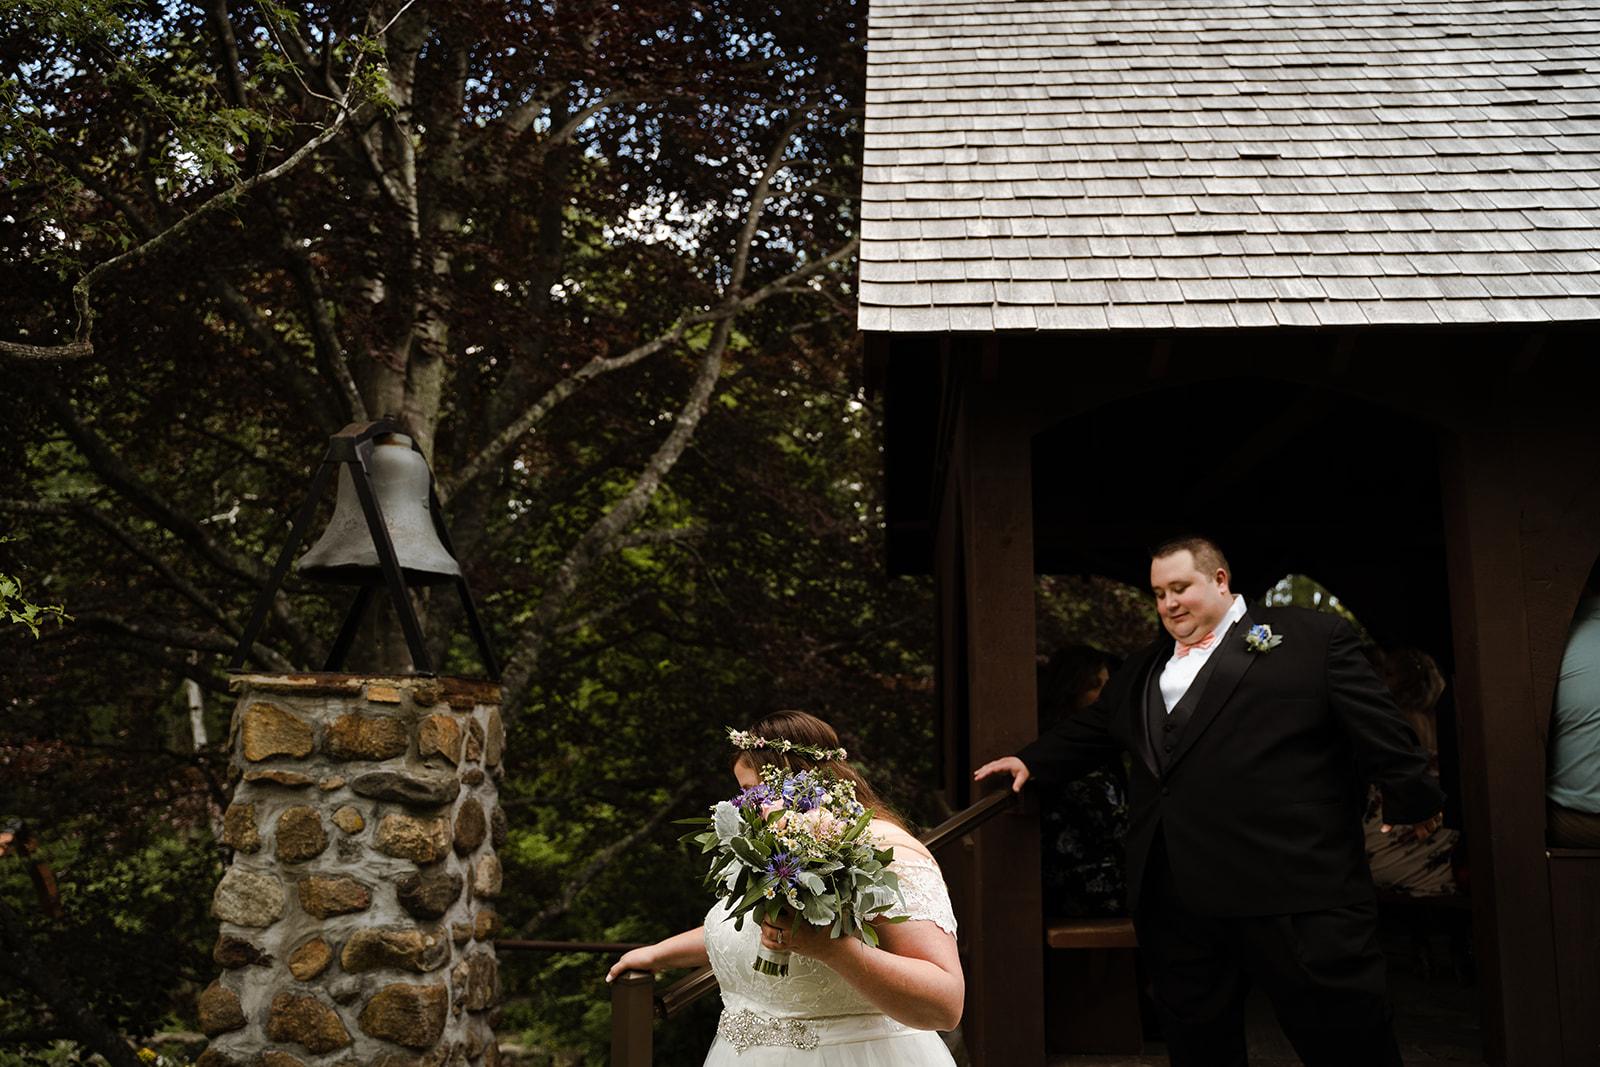 coastal wedding plus size couple rockland maine vesper hill childrens chapel 41